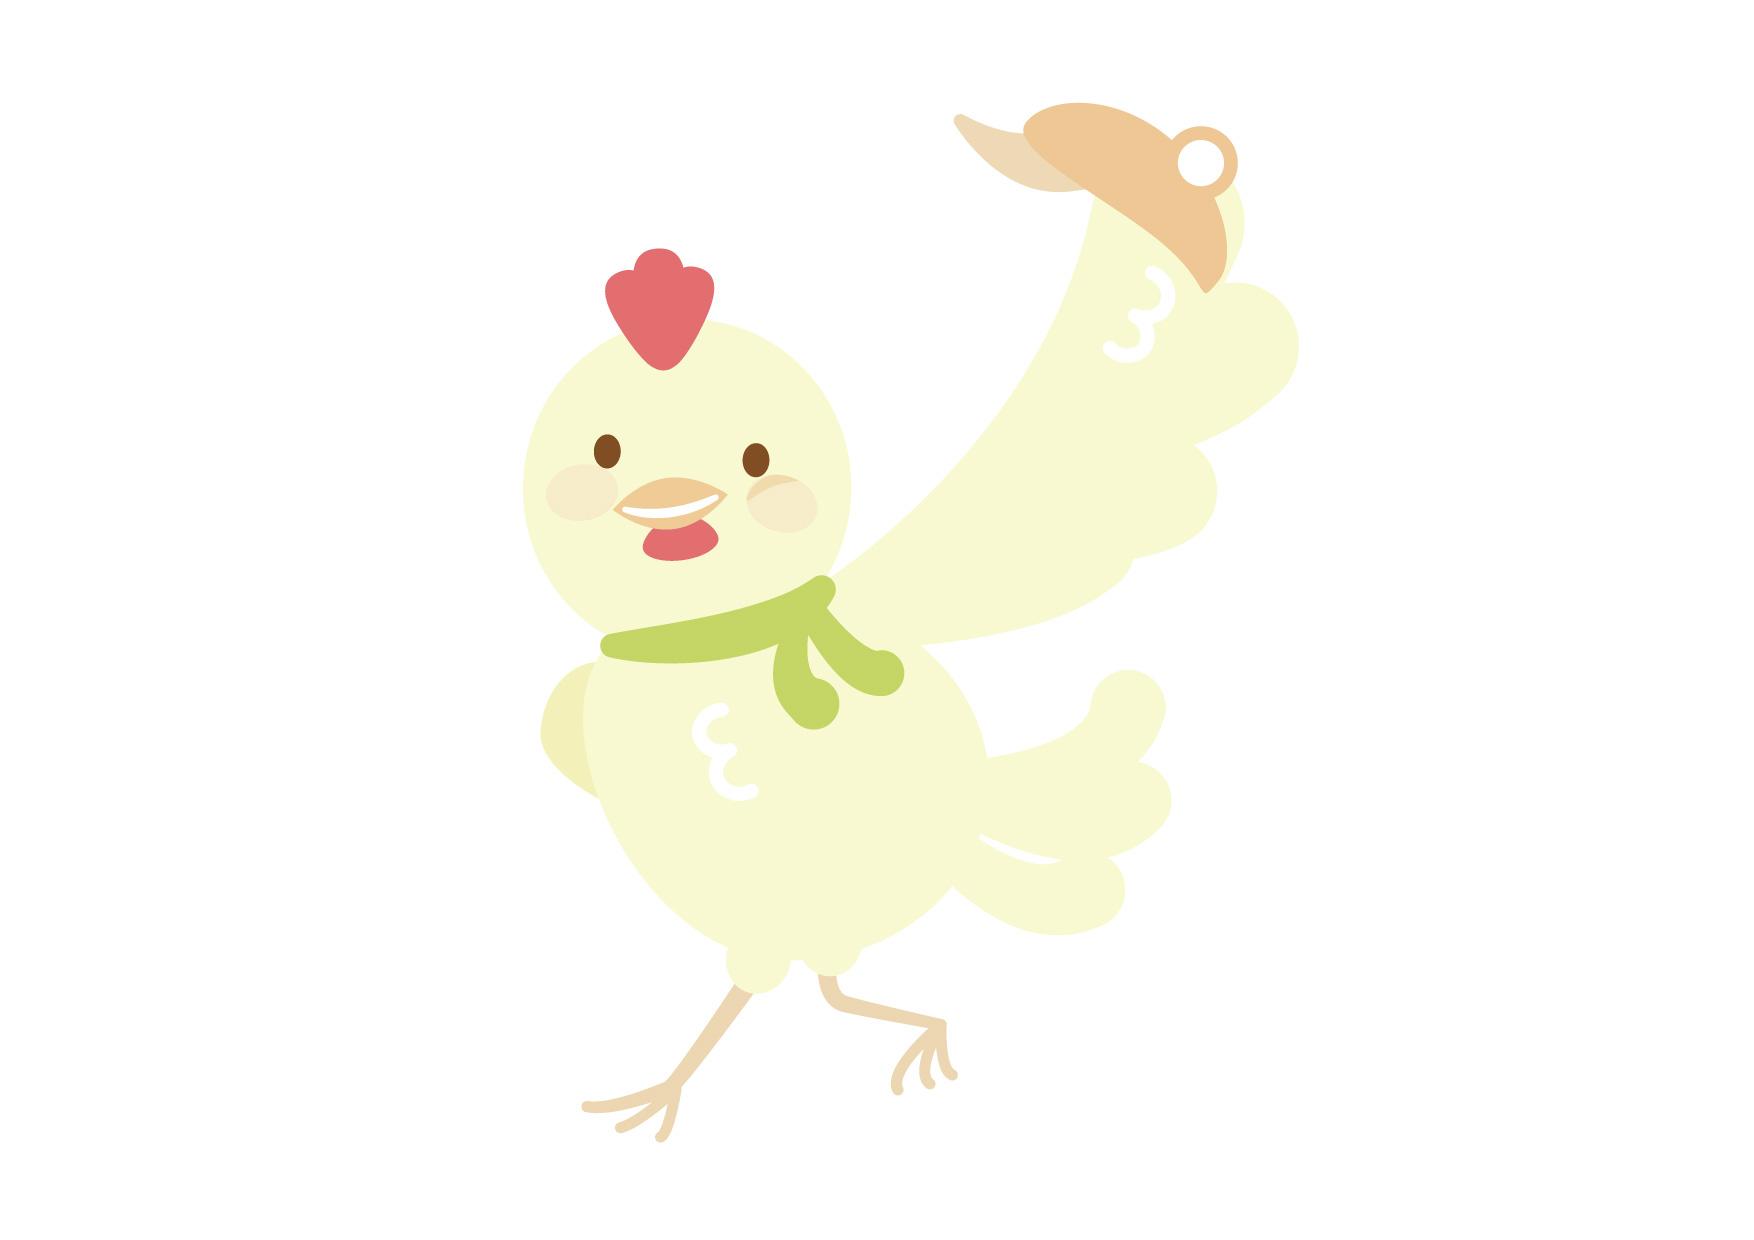 お正月 鶏 お父さん イラスト 無料